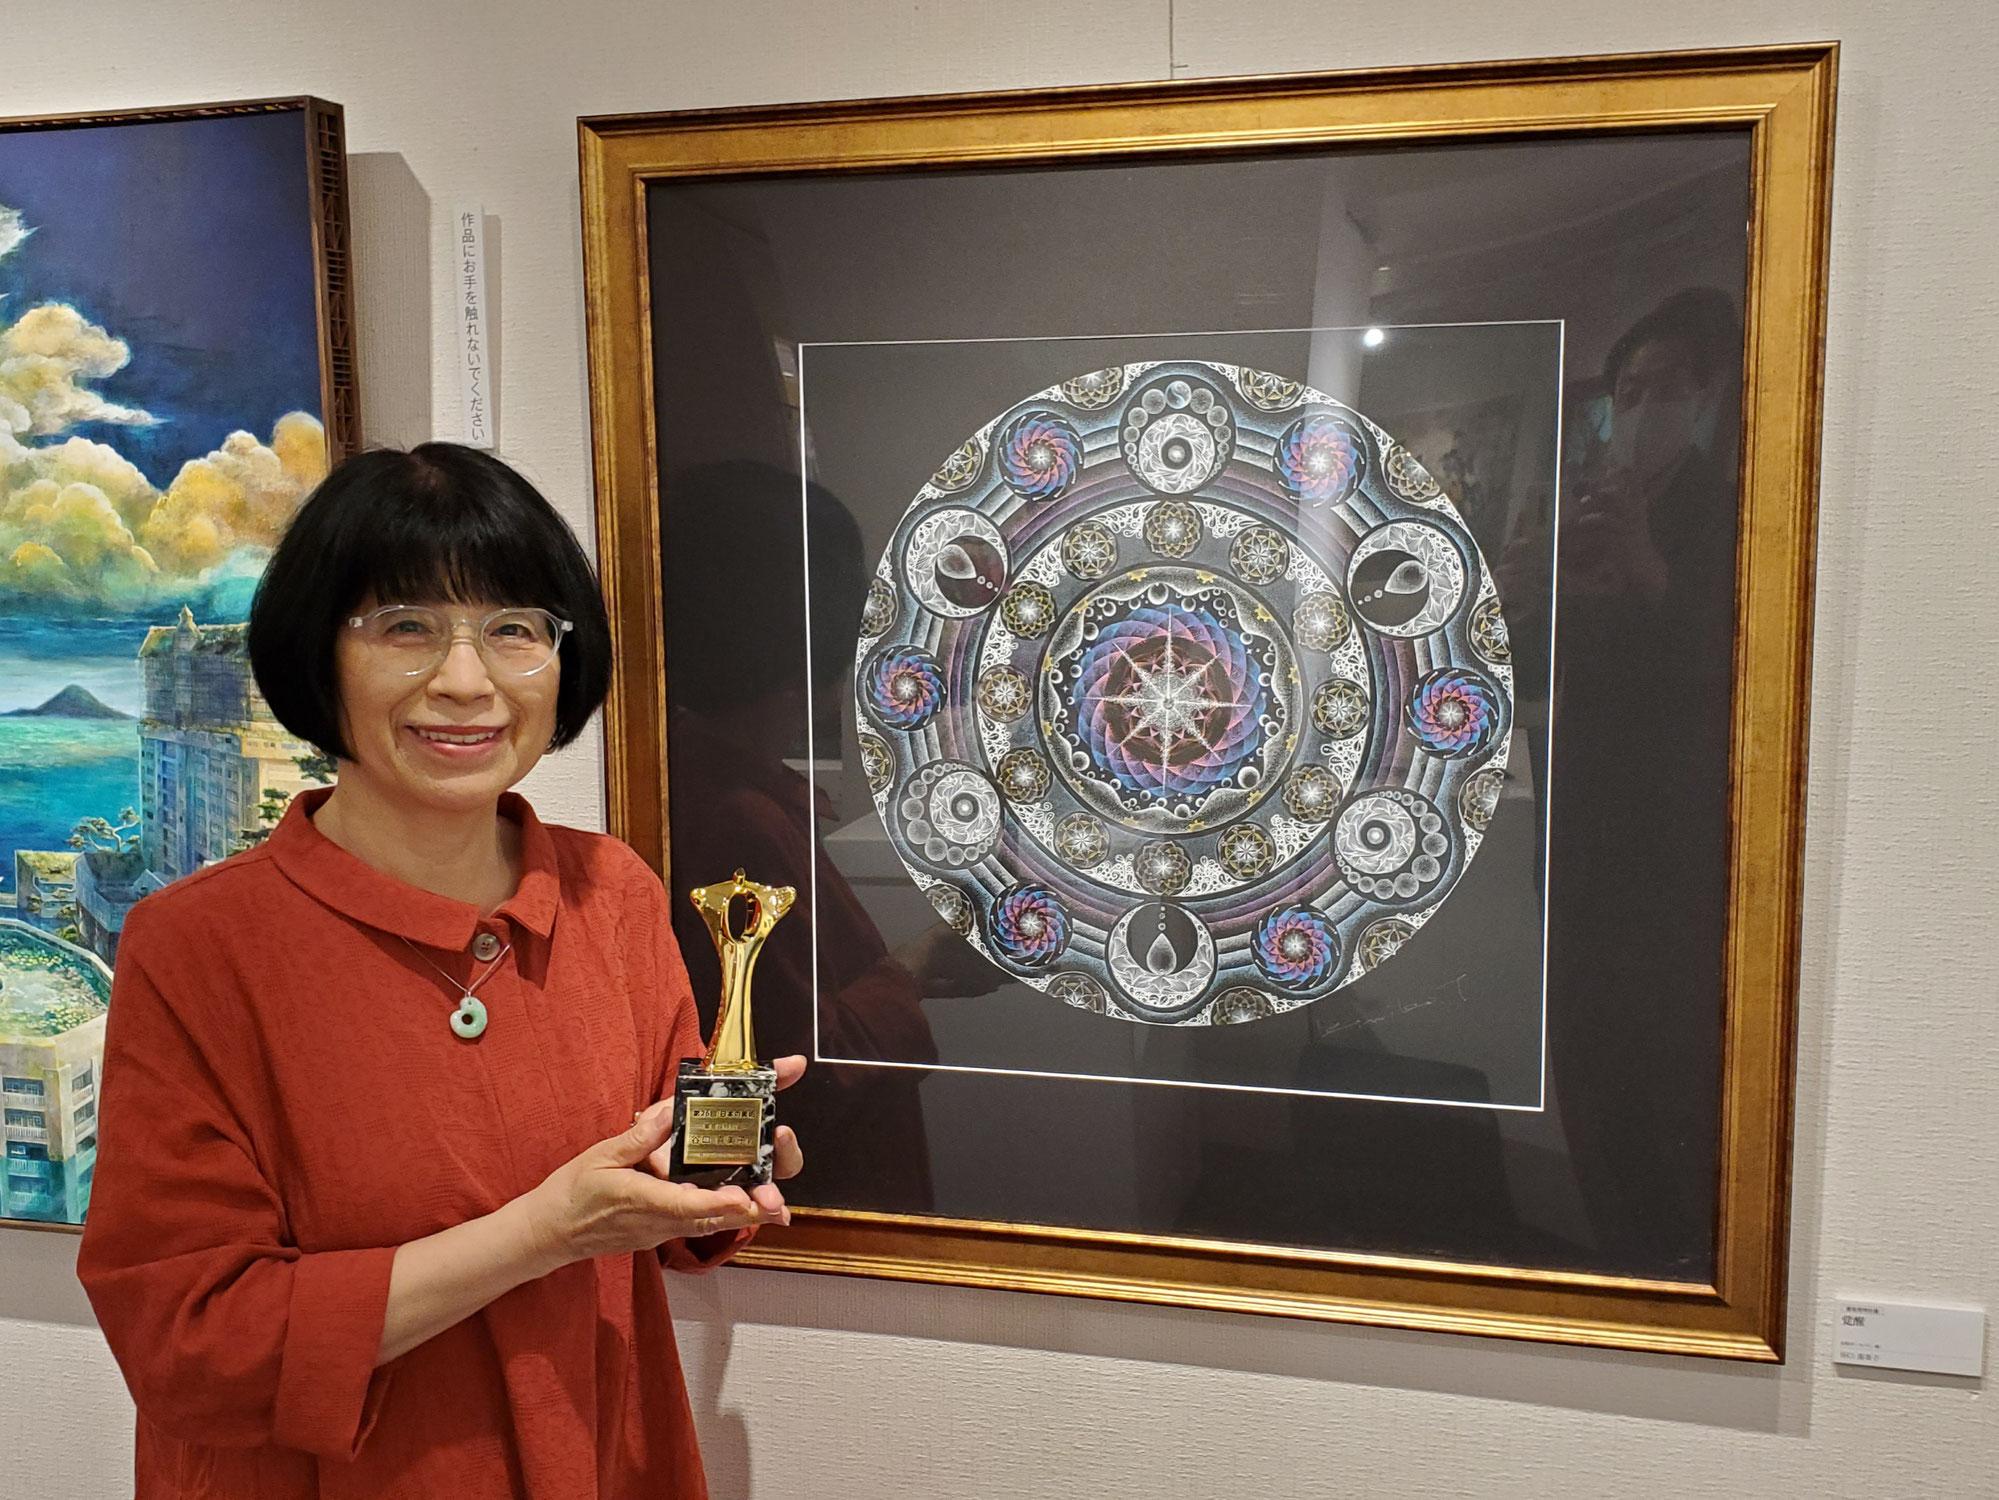 第26回 受賞者展トロフィ頂きました